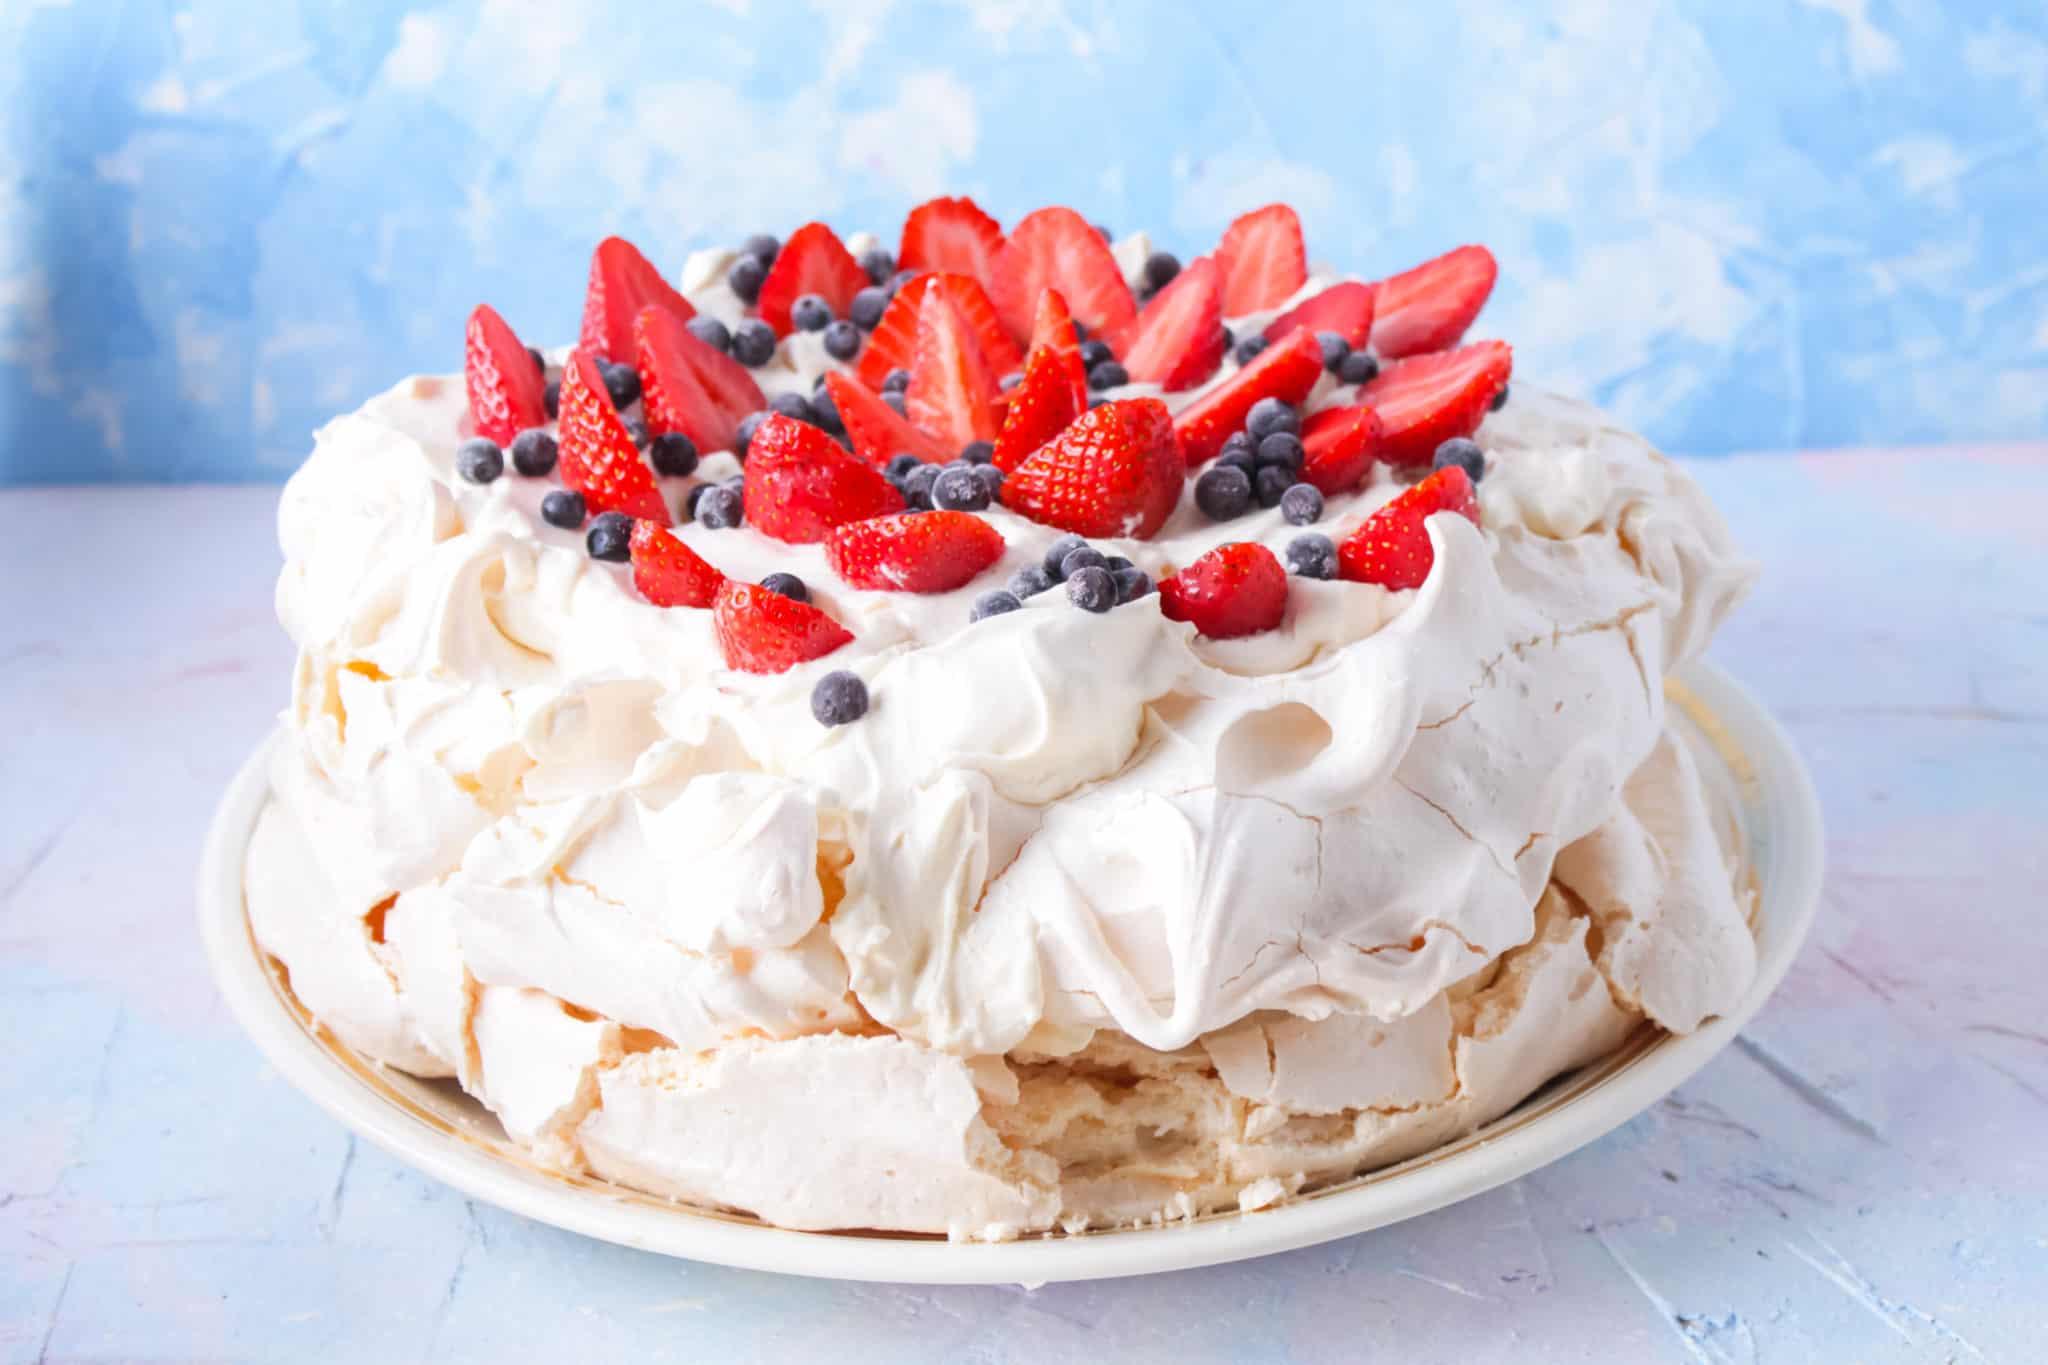 Recept: Baked Alaska / ijstaart omelet siberienne met pavlova merengue en fruit uit de oven - Mamaliefde.nl